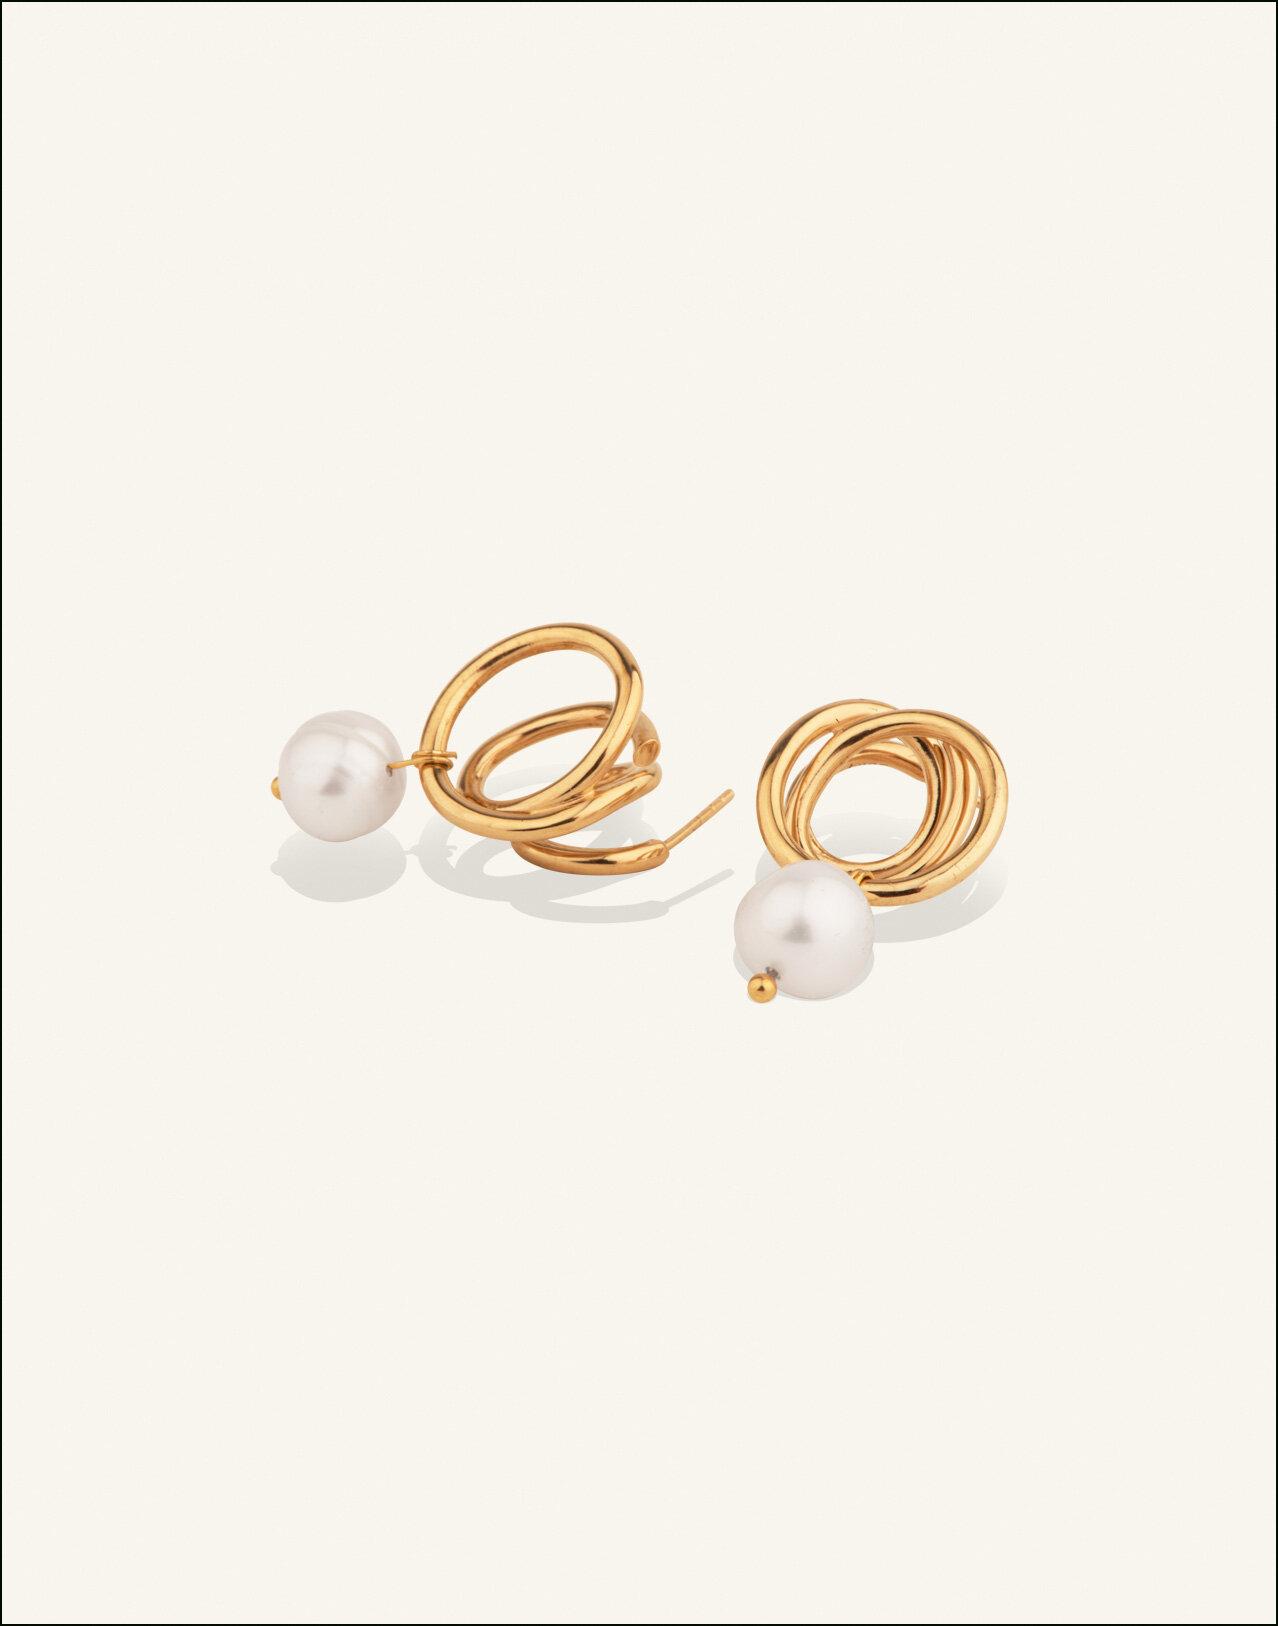 Completedworks-Flow-Earrings-Pearl-3.jpg